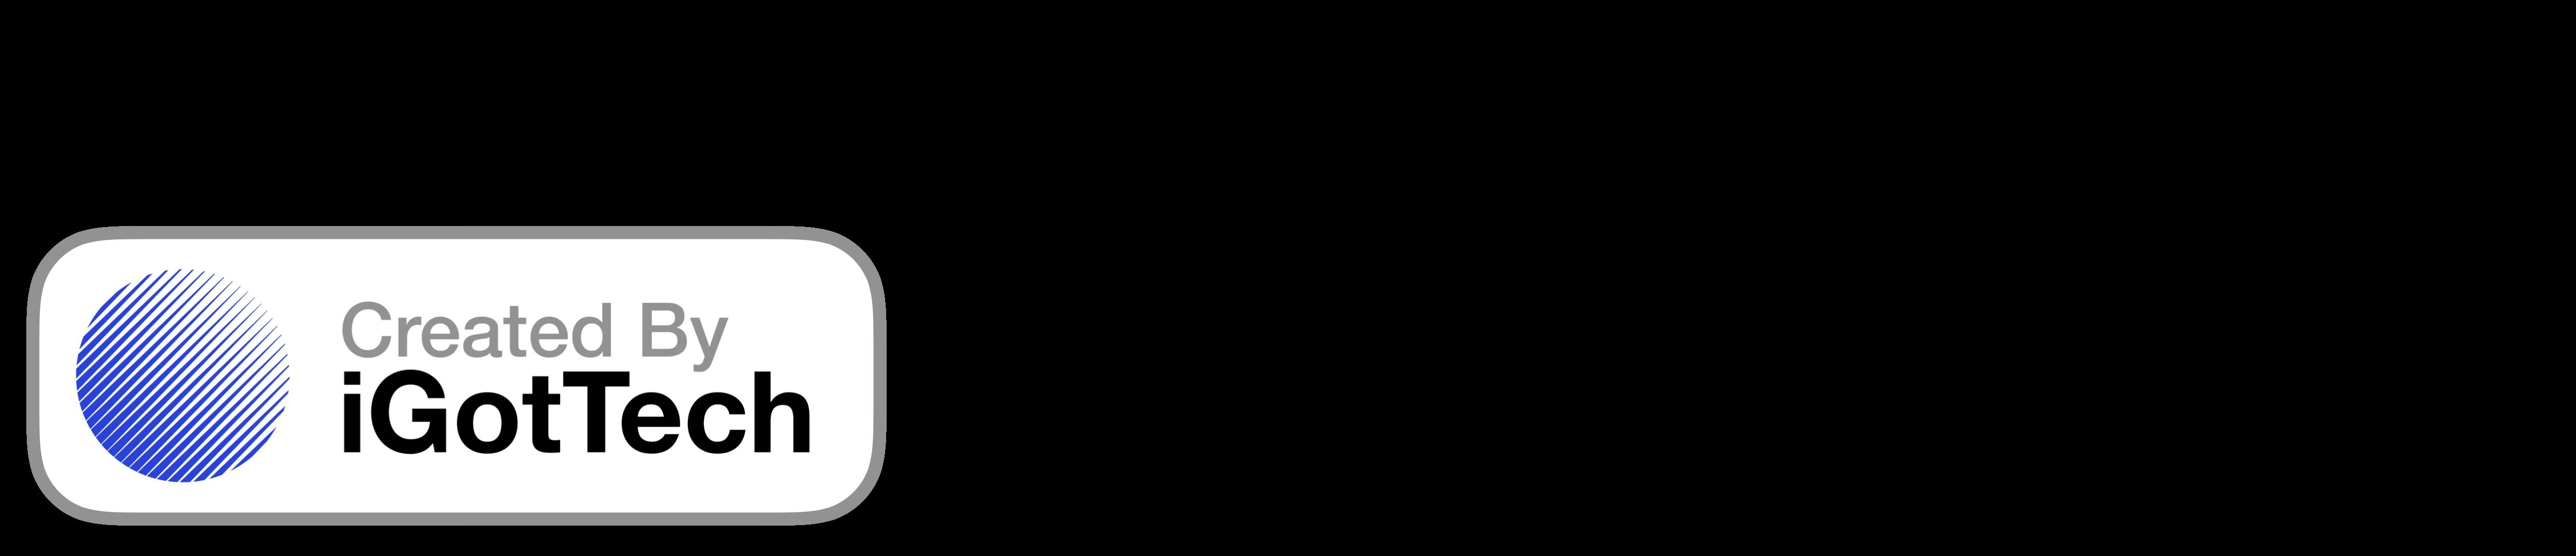 by iGotTech